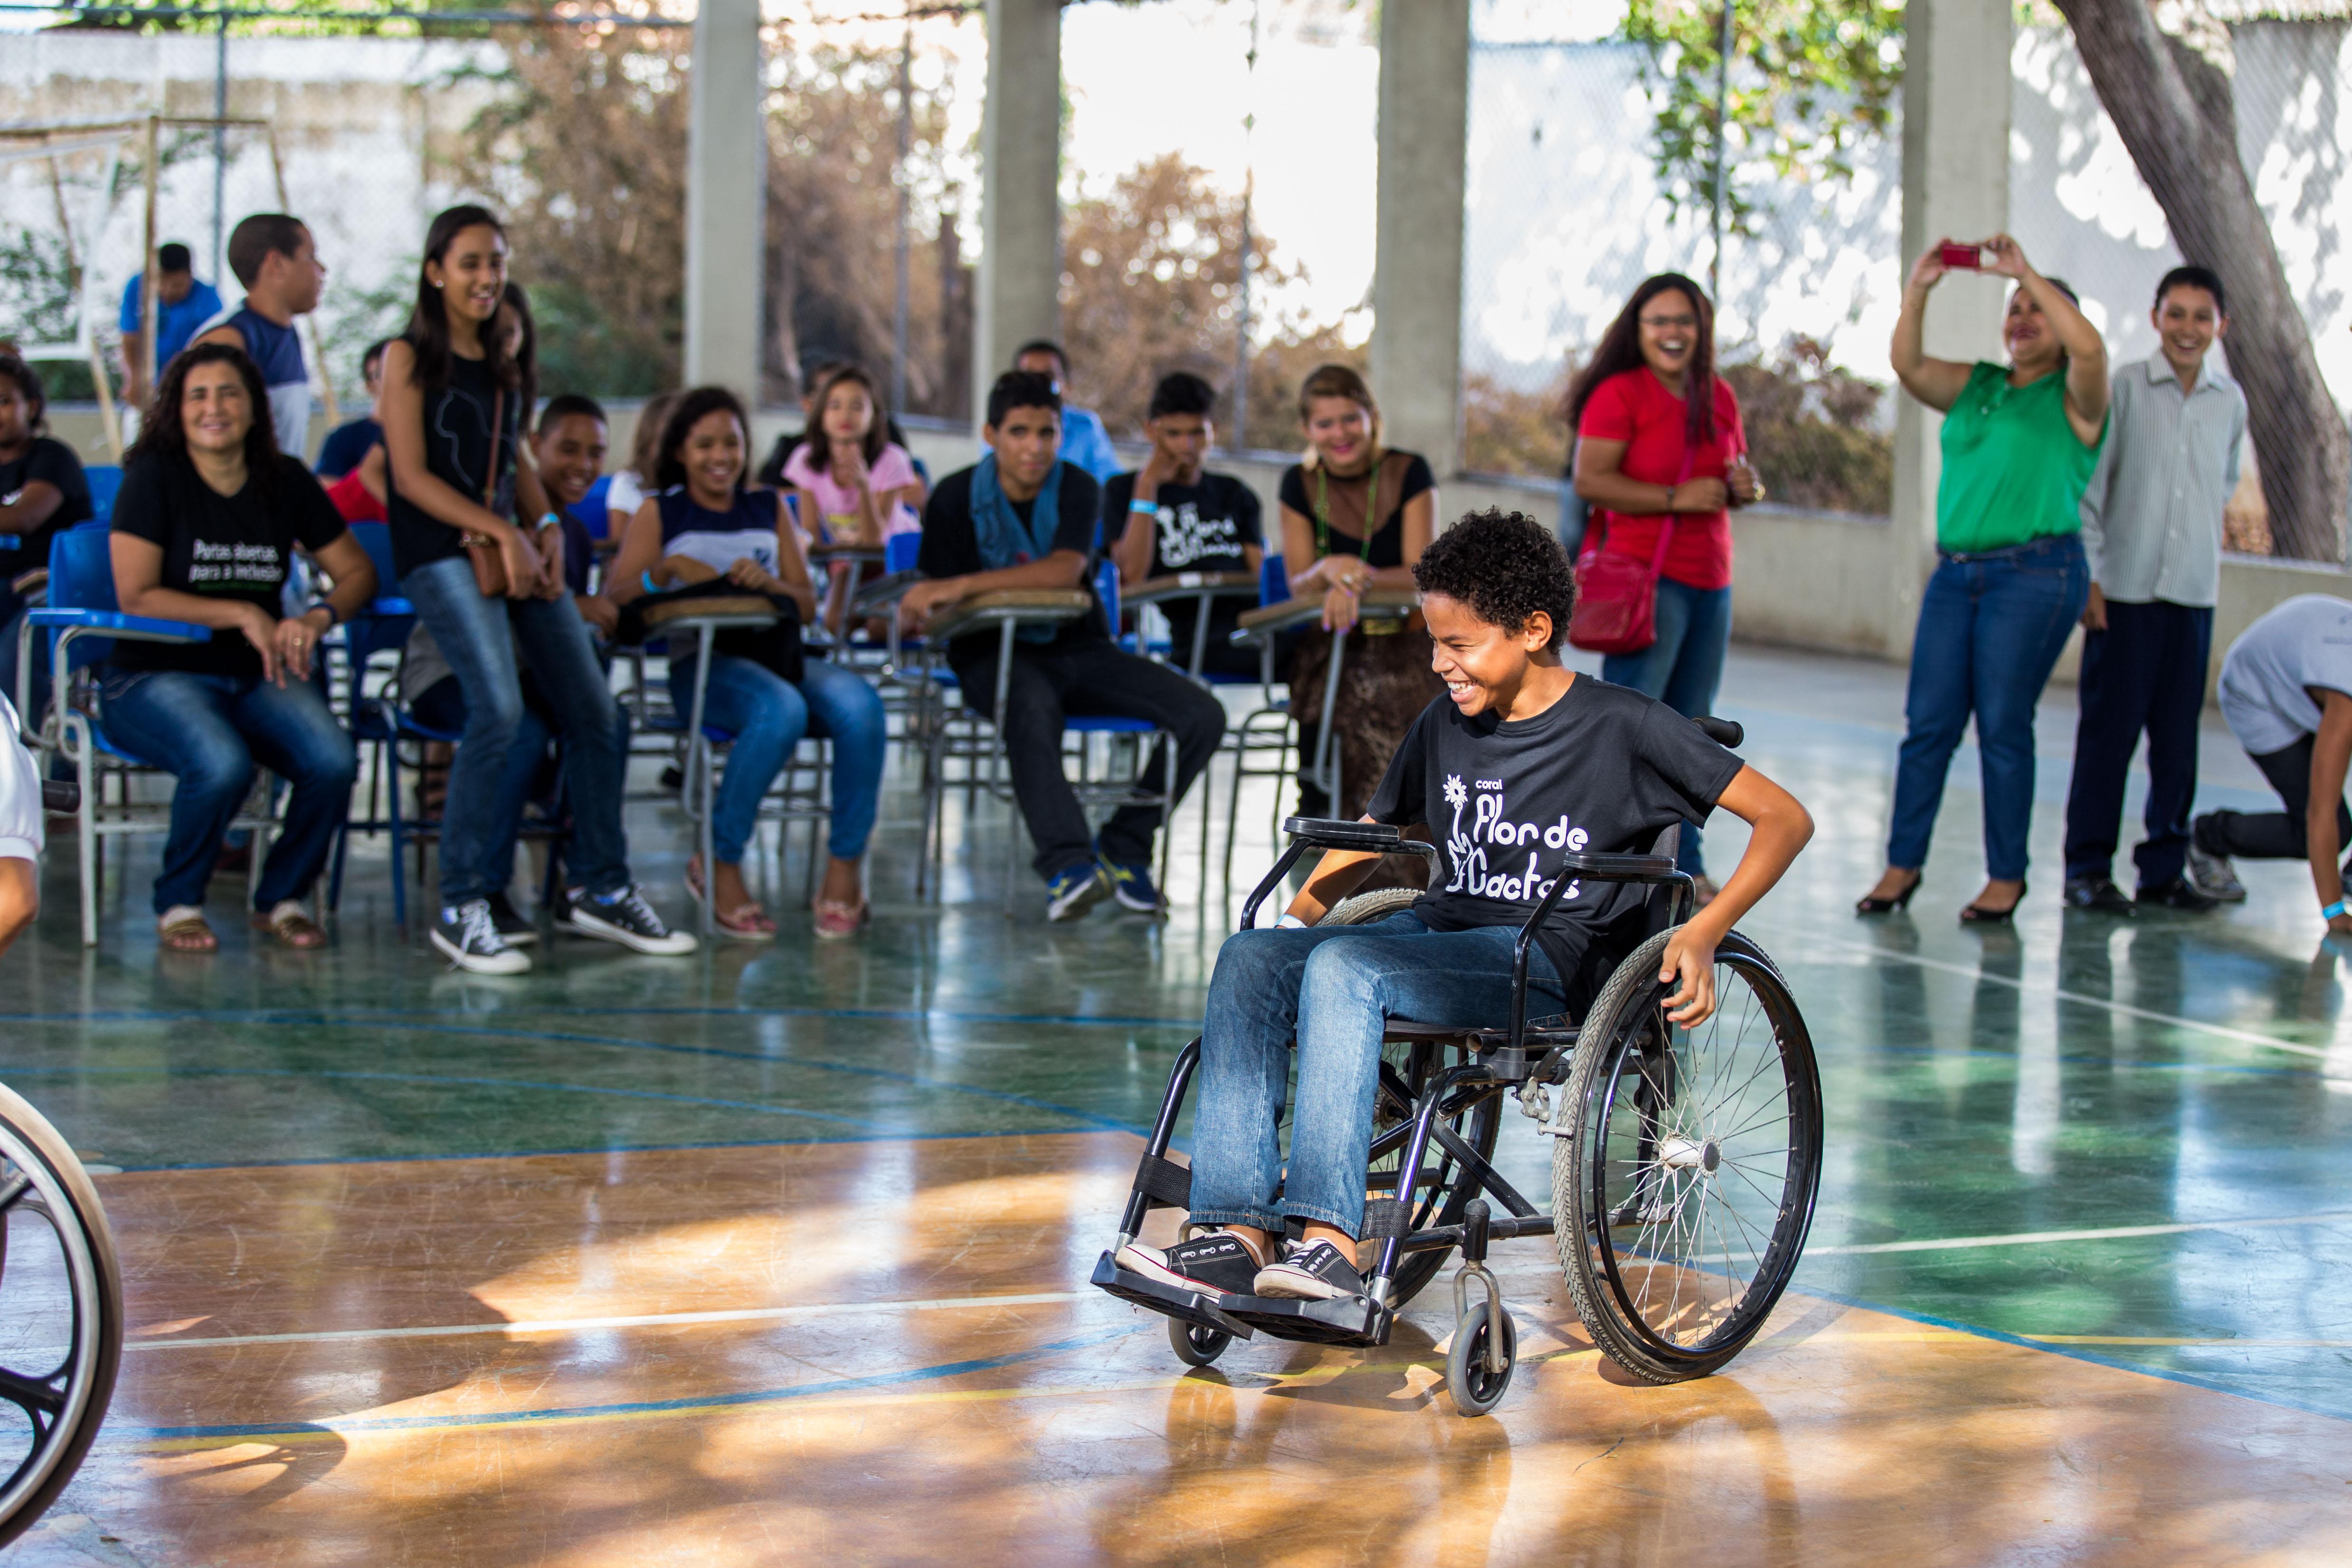 Diversos estudantes entre 10 e 15 anos estão sentados em cadeiras no centro de uma quadra escolar. Um garoto em uma cadeira de rodas se destaca no meio.